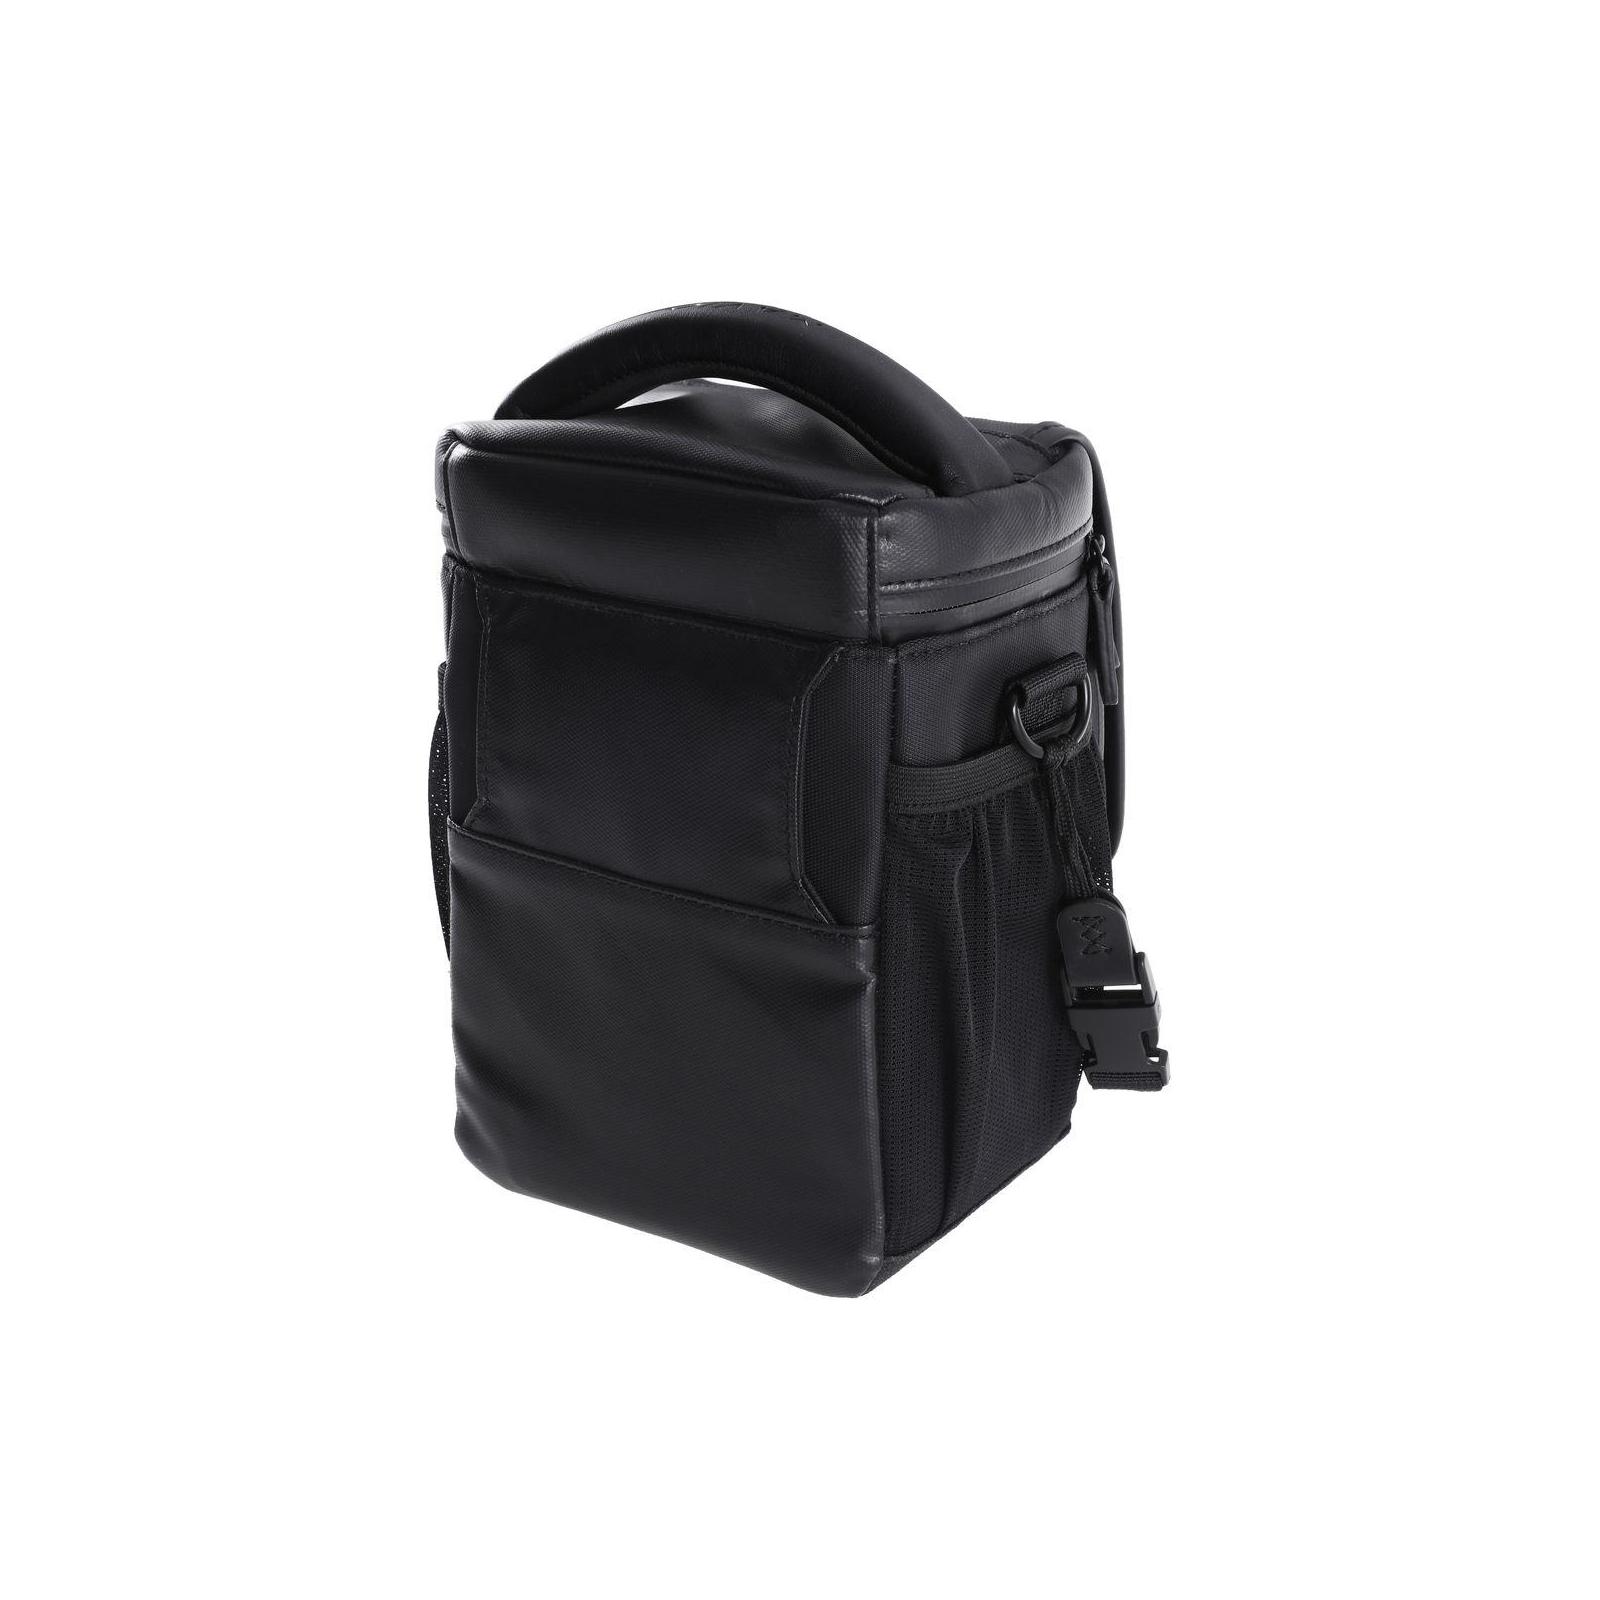 Рюкзак для дрона DJI Mavic Part 30 Shoulder Bag (CP.PT.000591) изображение 3